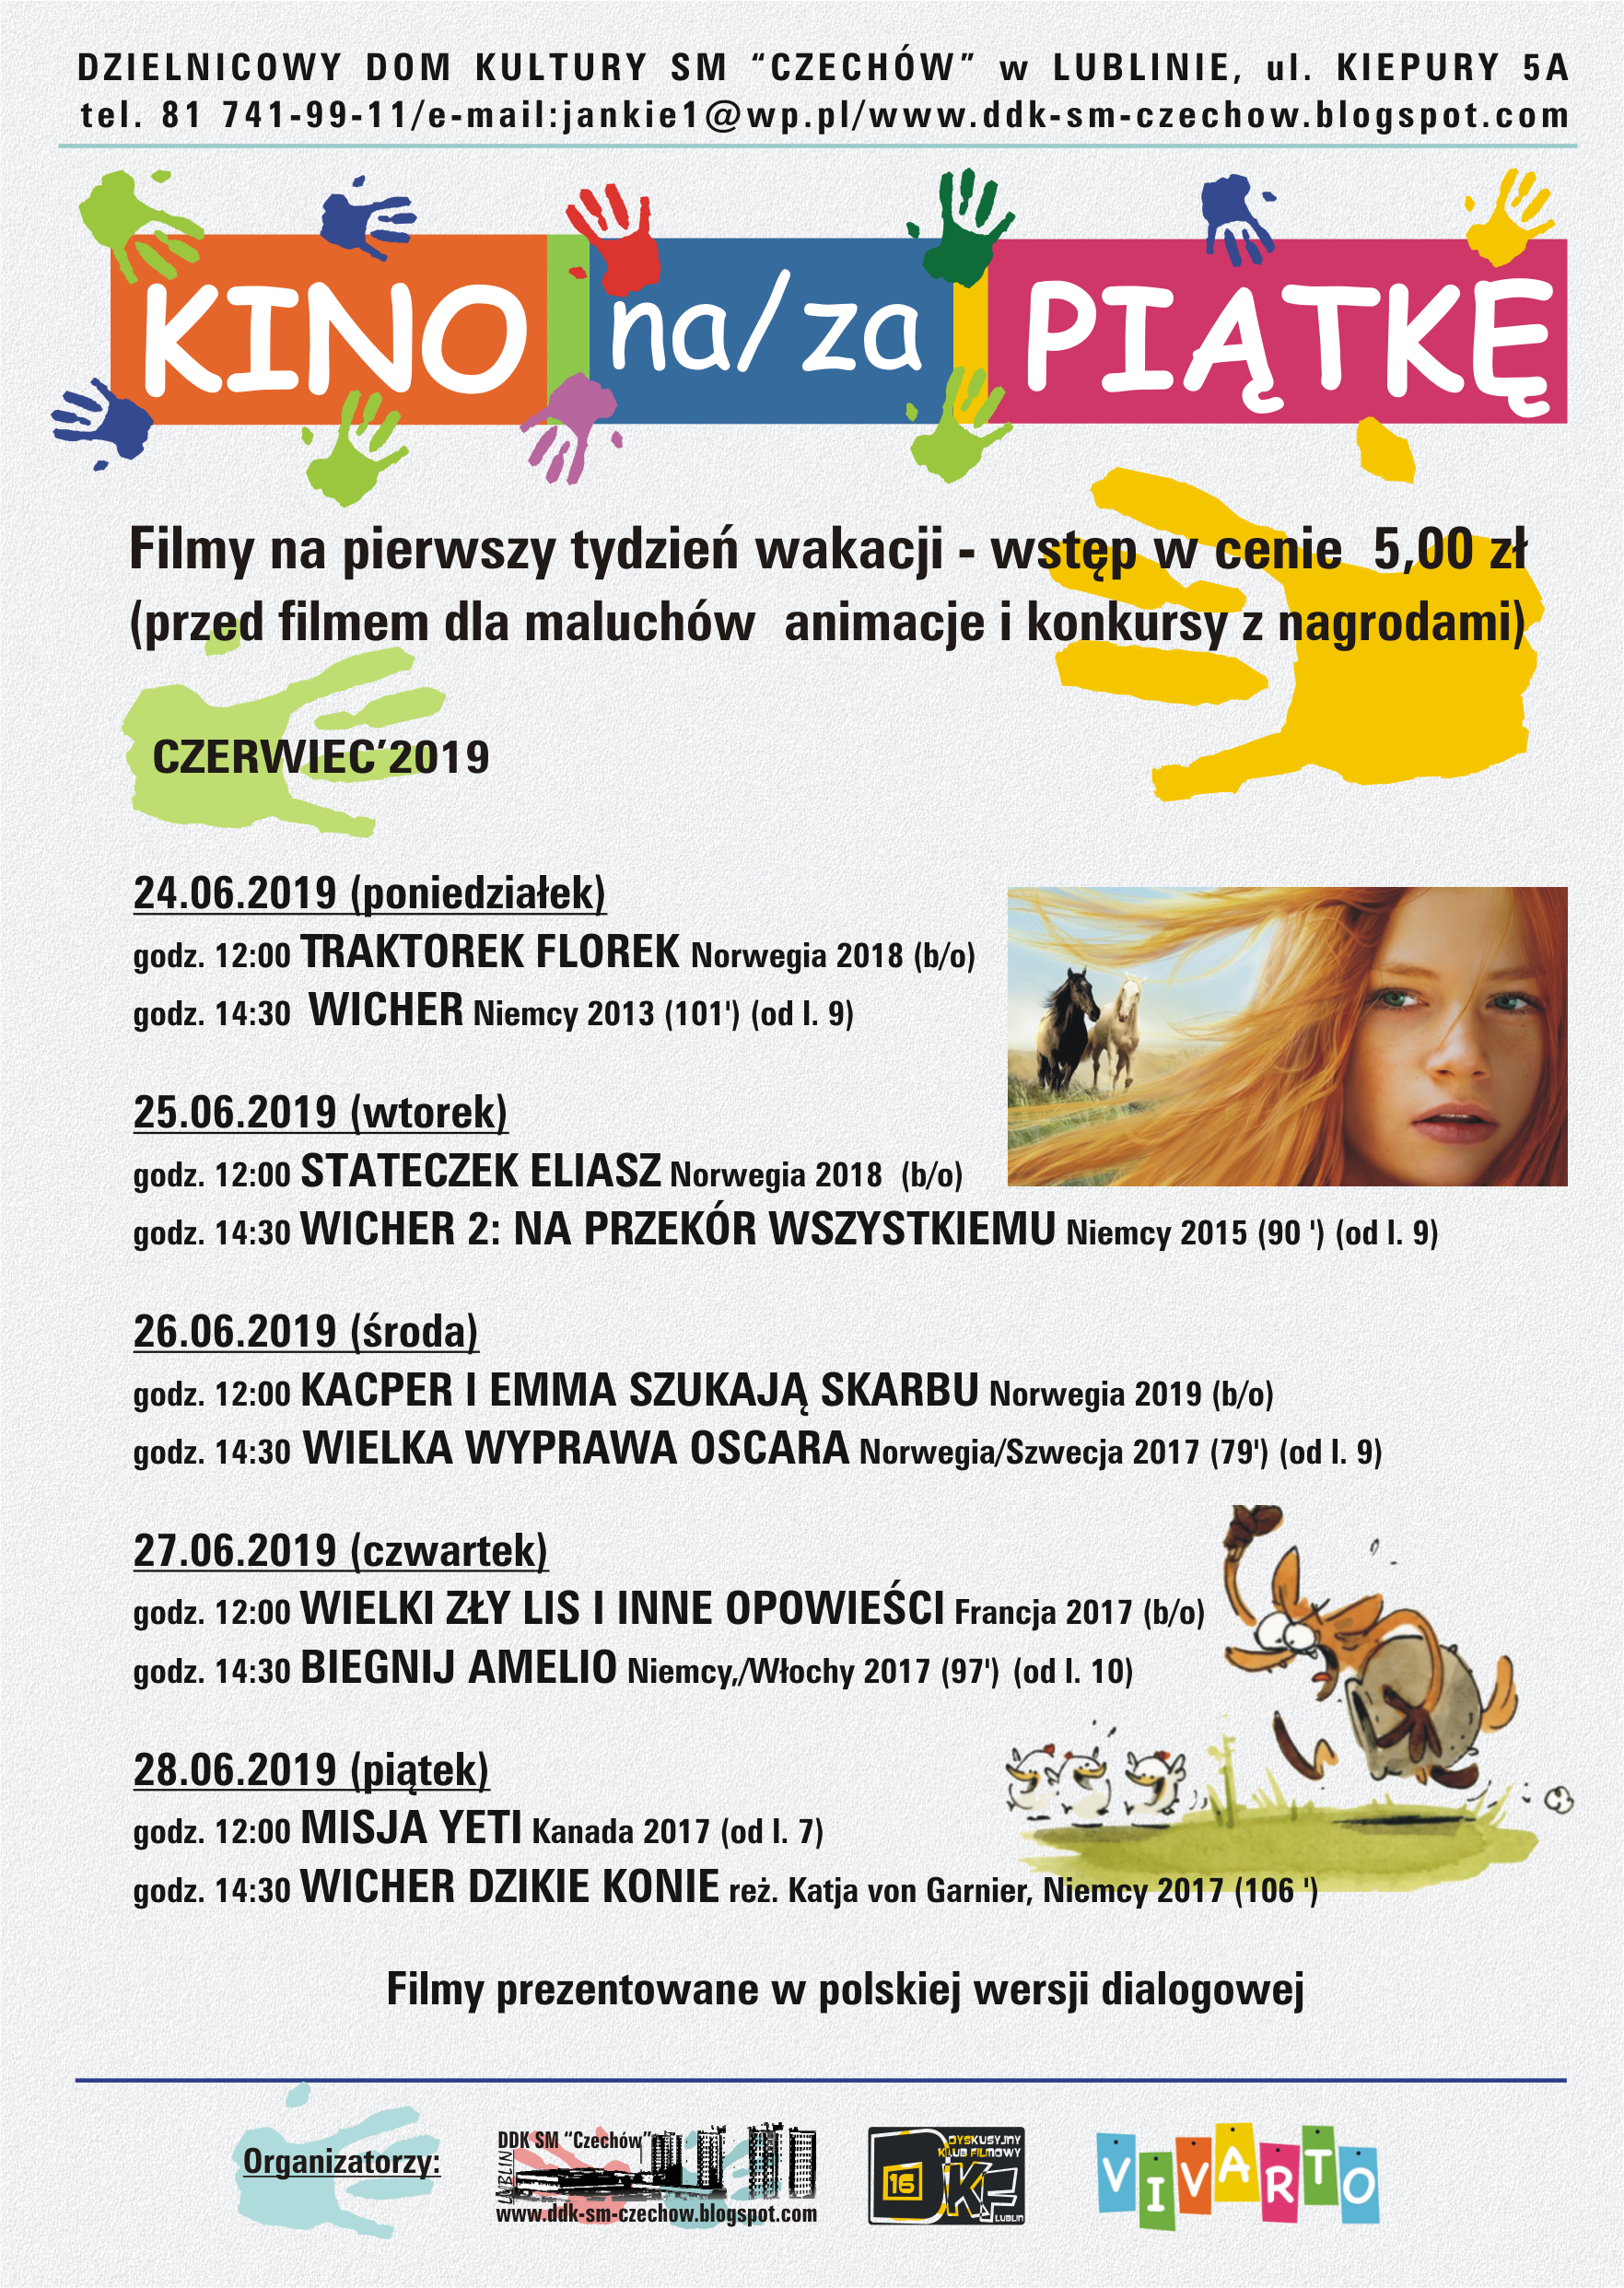 Kino na/za 5